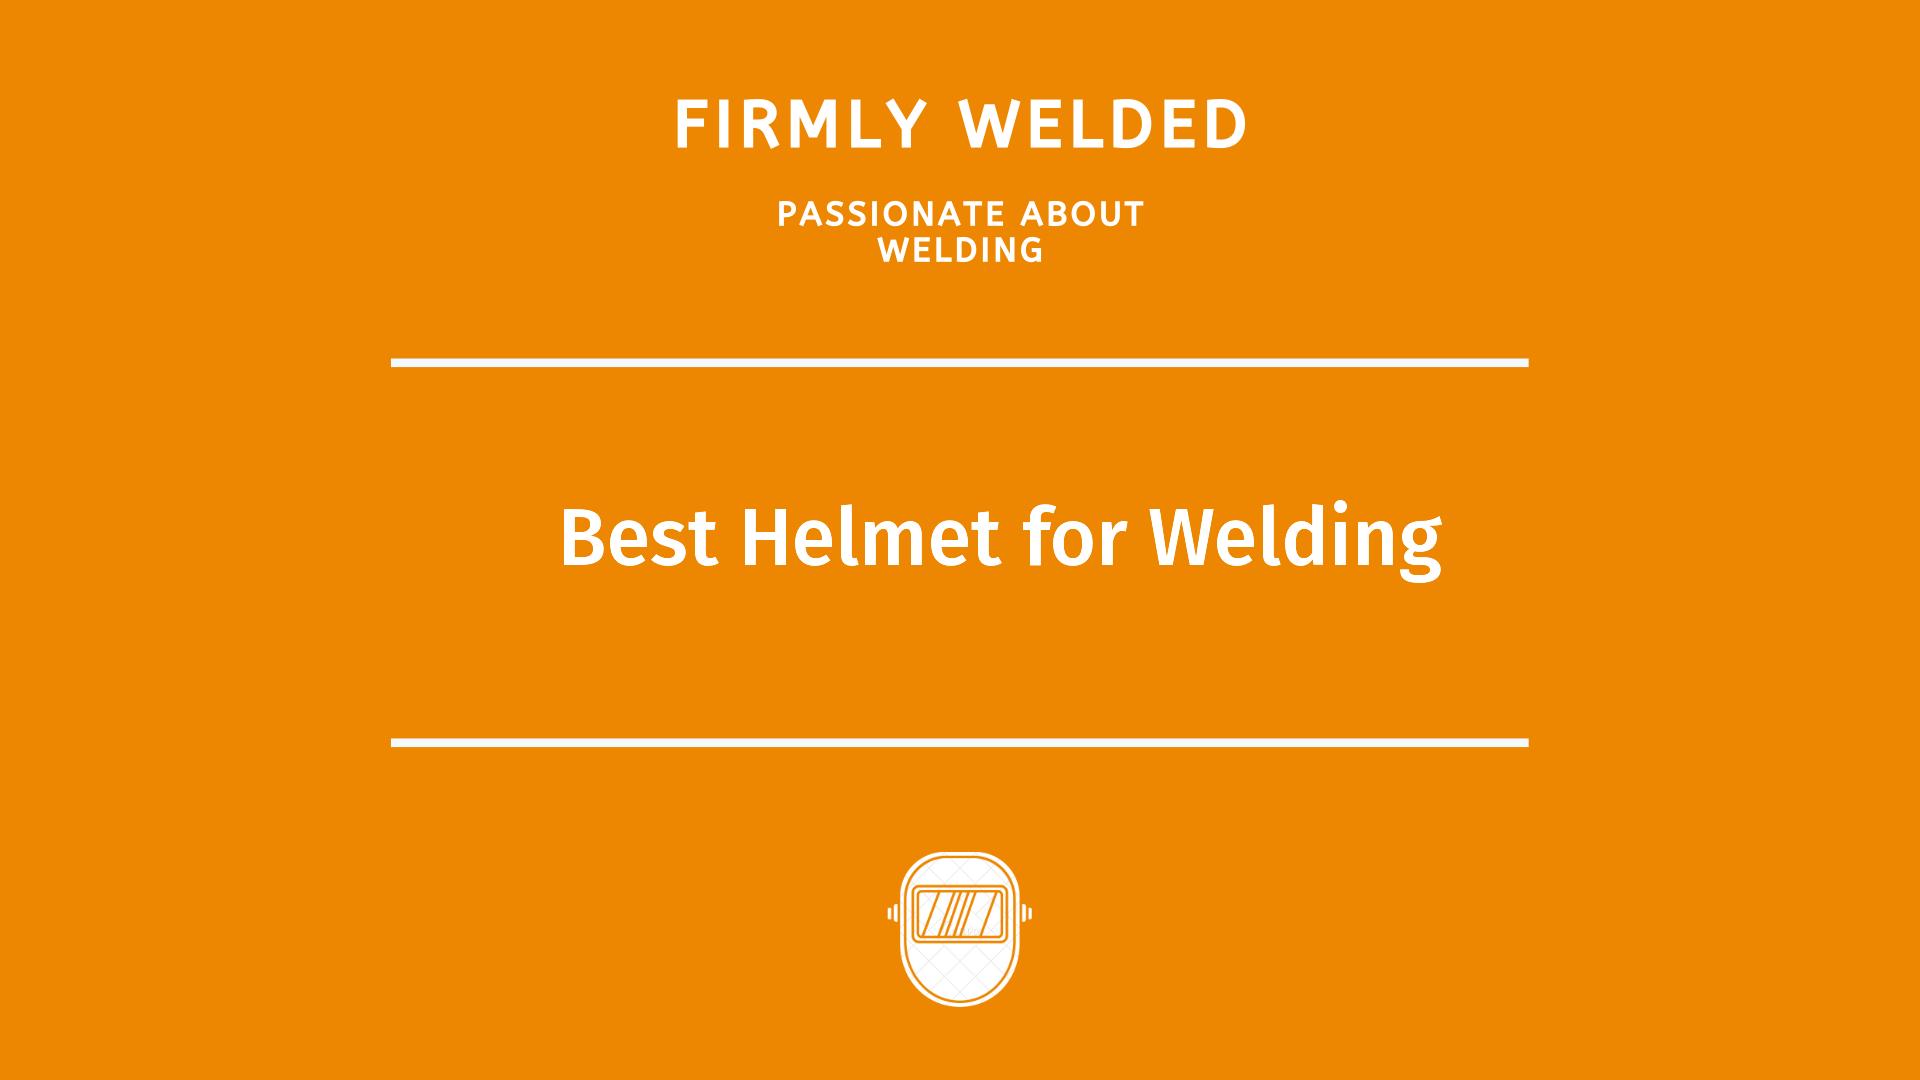 Best Helmet for Welding